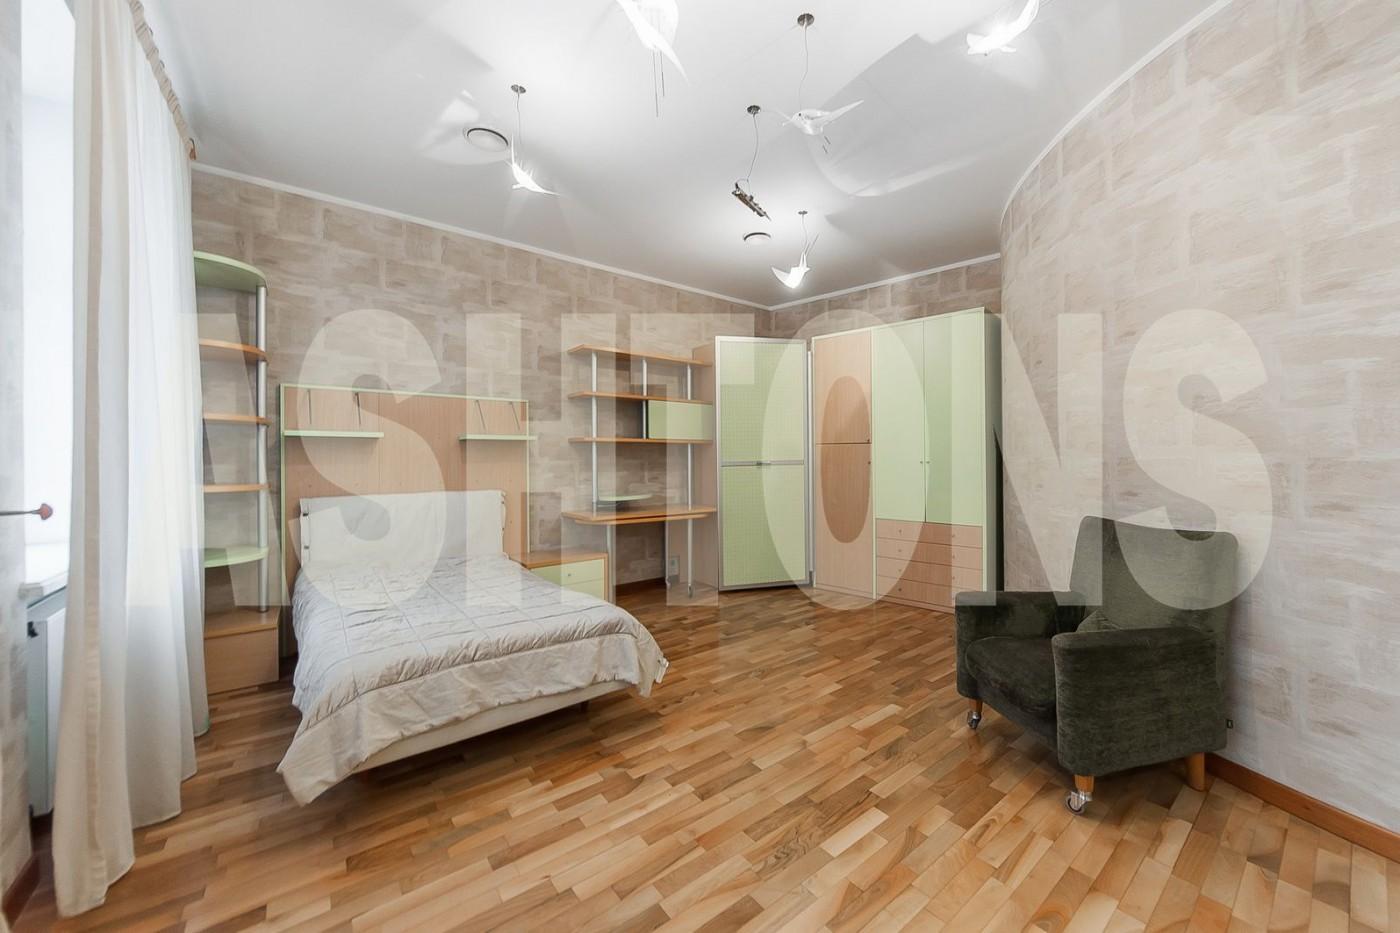 Аренда элитной квартиры в районе Хамовники ashtons.ru Ashtons International Realty